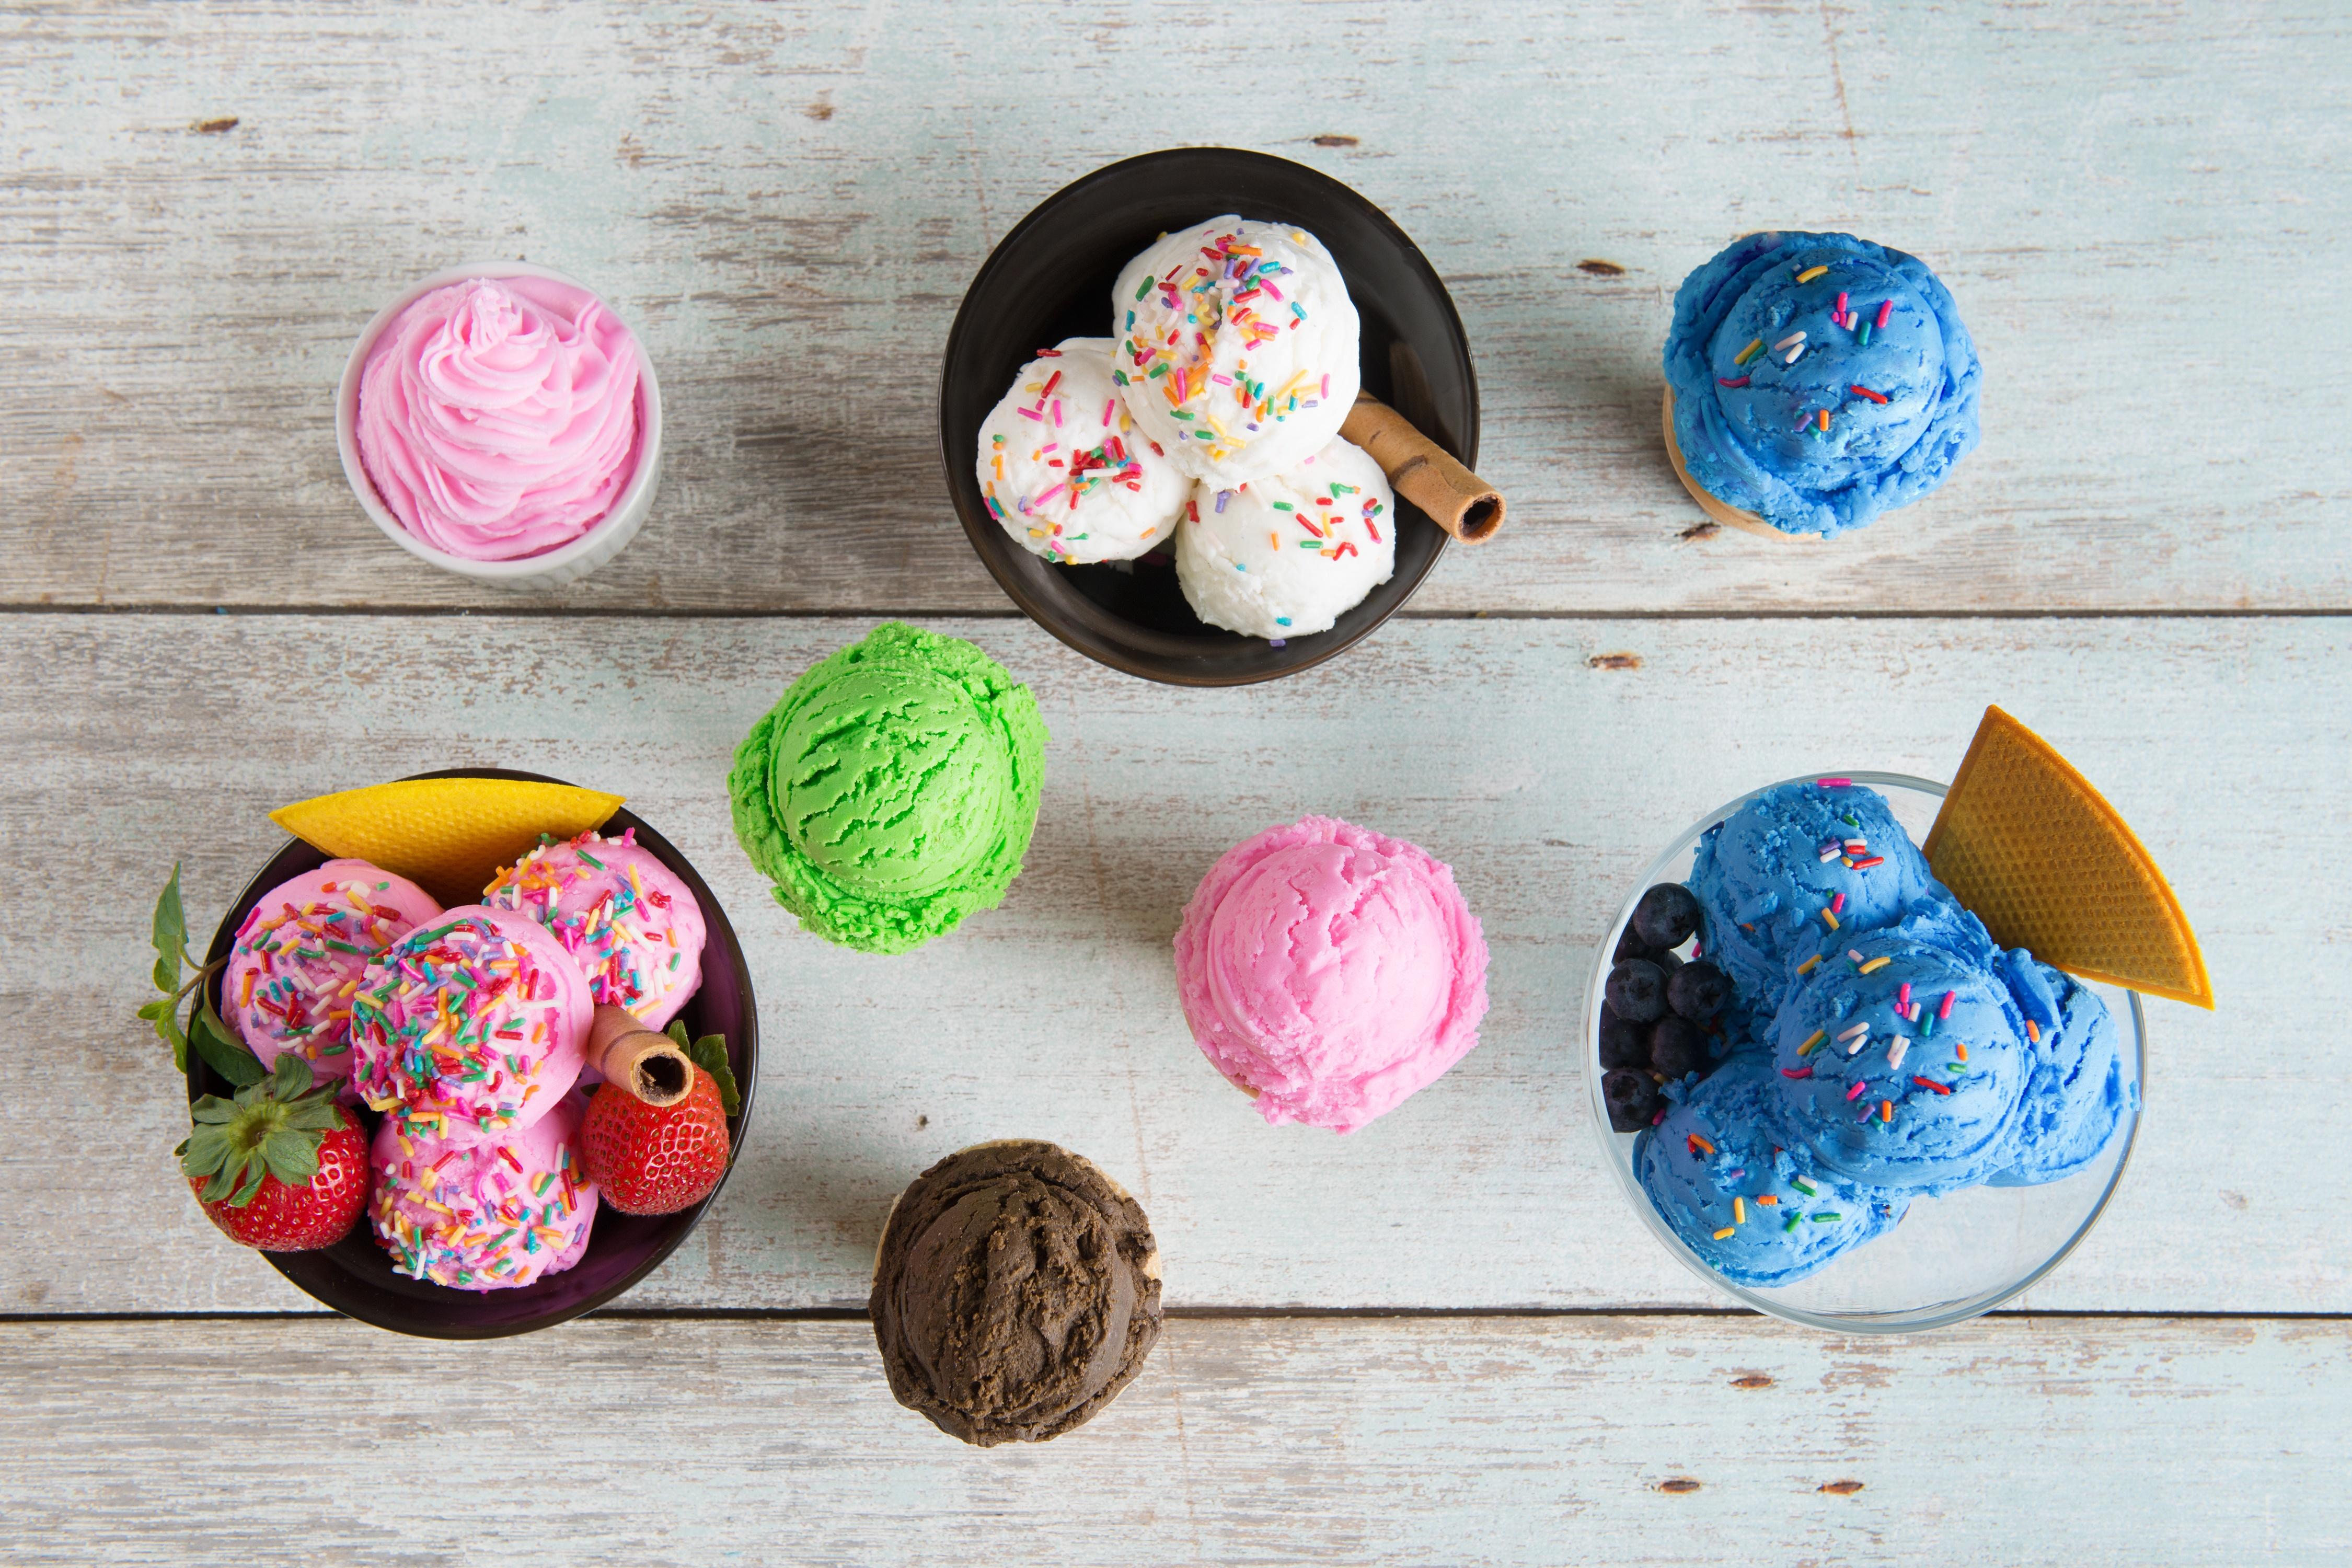 ice-cream-evp-blog